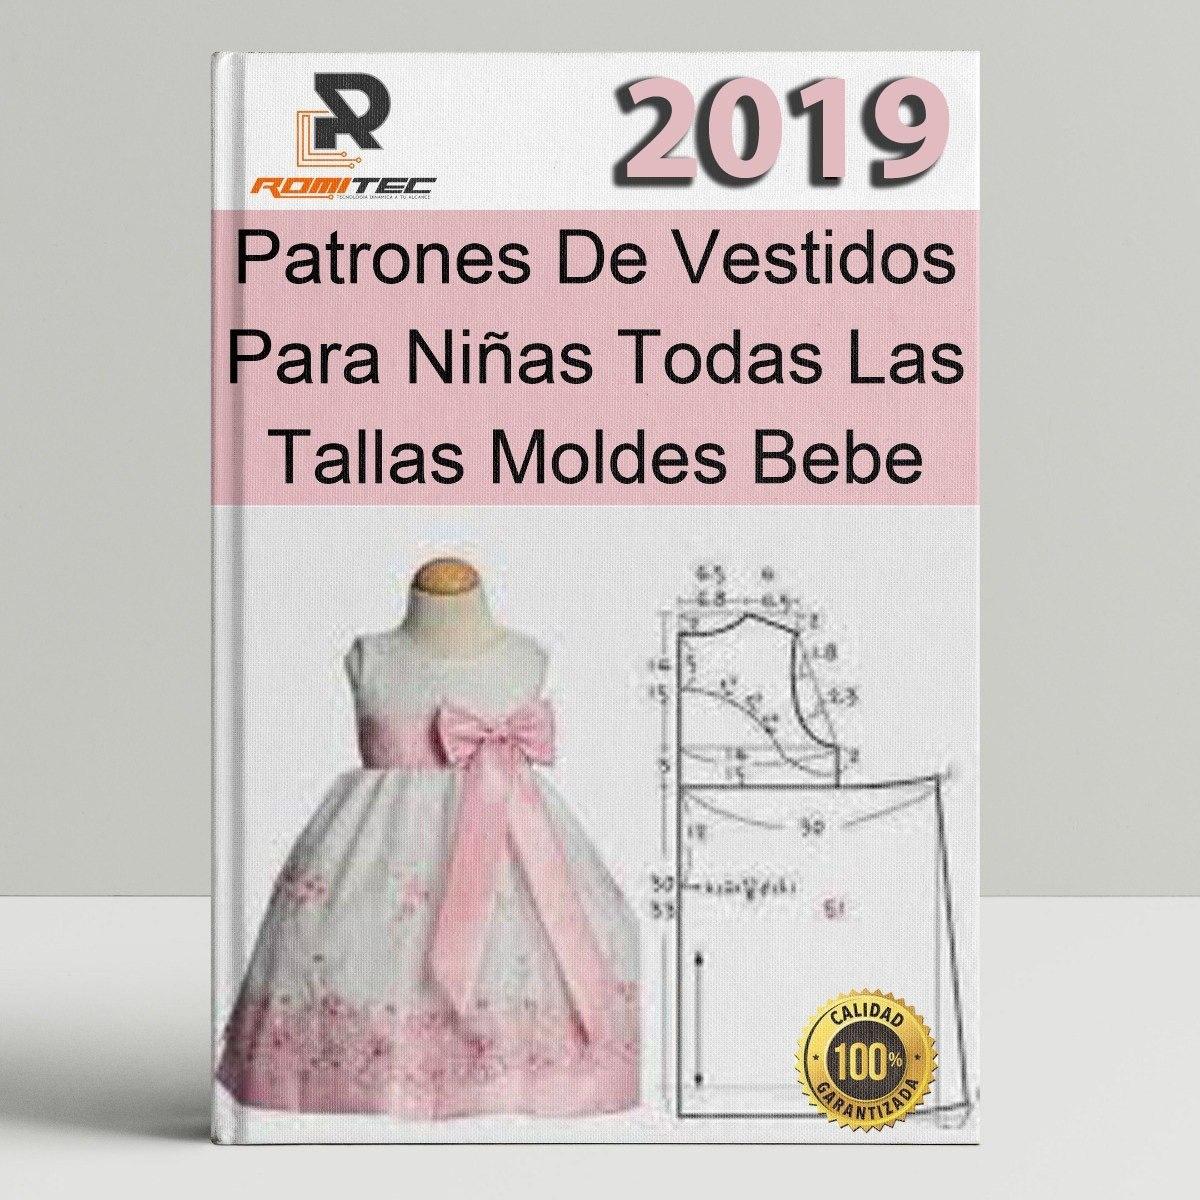 Patrones Uniformes Médicos Moldes Enfermeras Odontología - $ 40,00 ...